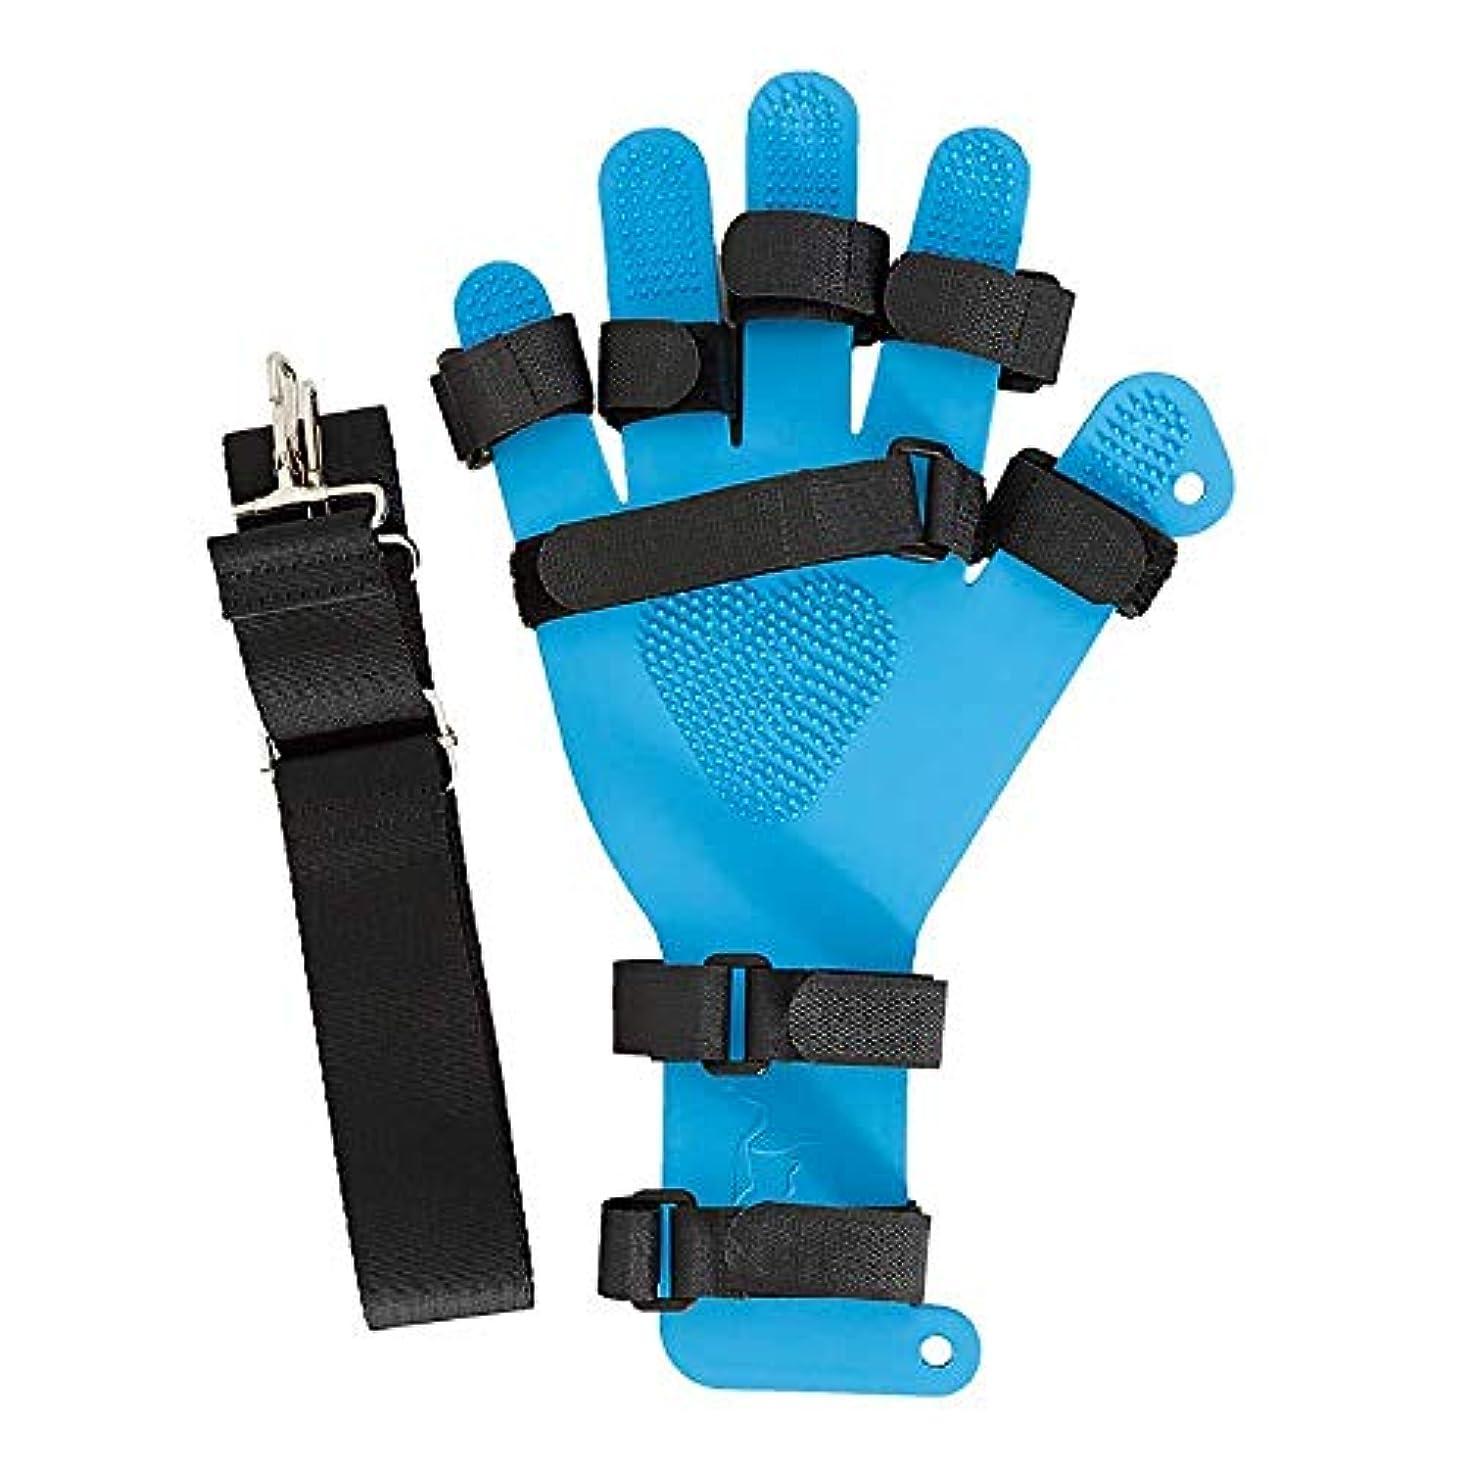 触覚グレートオークたまにトリガースプリント、フィンガートレーニングデバイス保護パッドは理想的なリハビリテーショントレーニングを補強します,2PCS